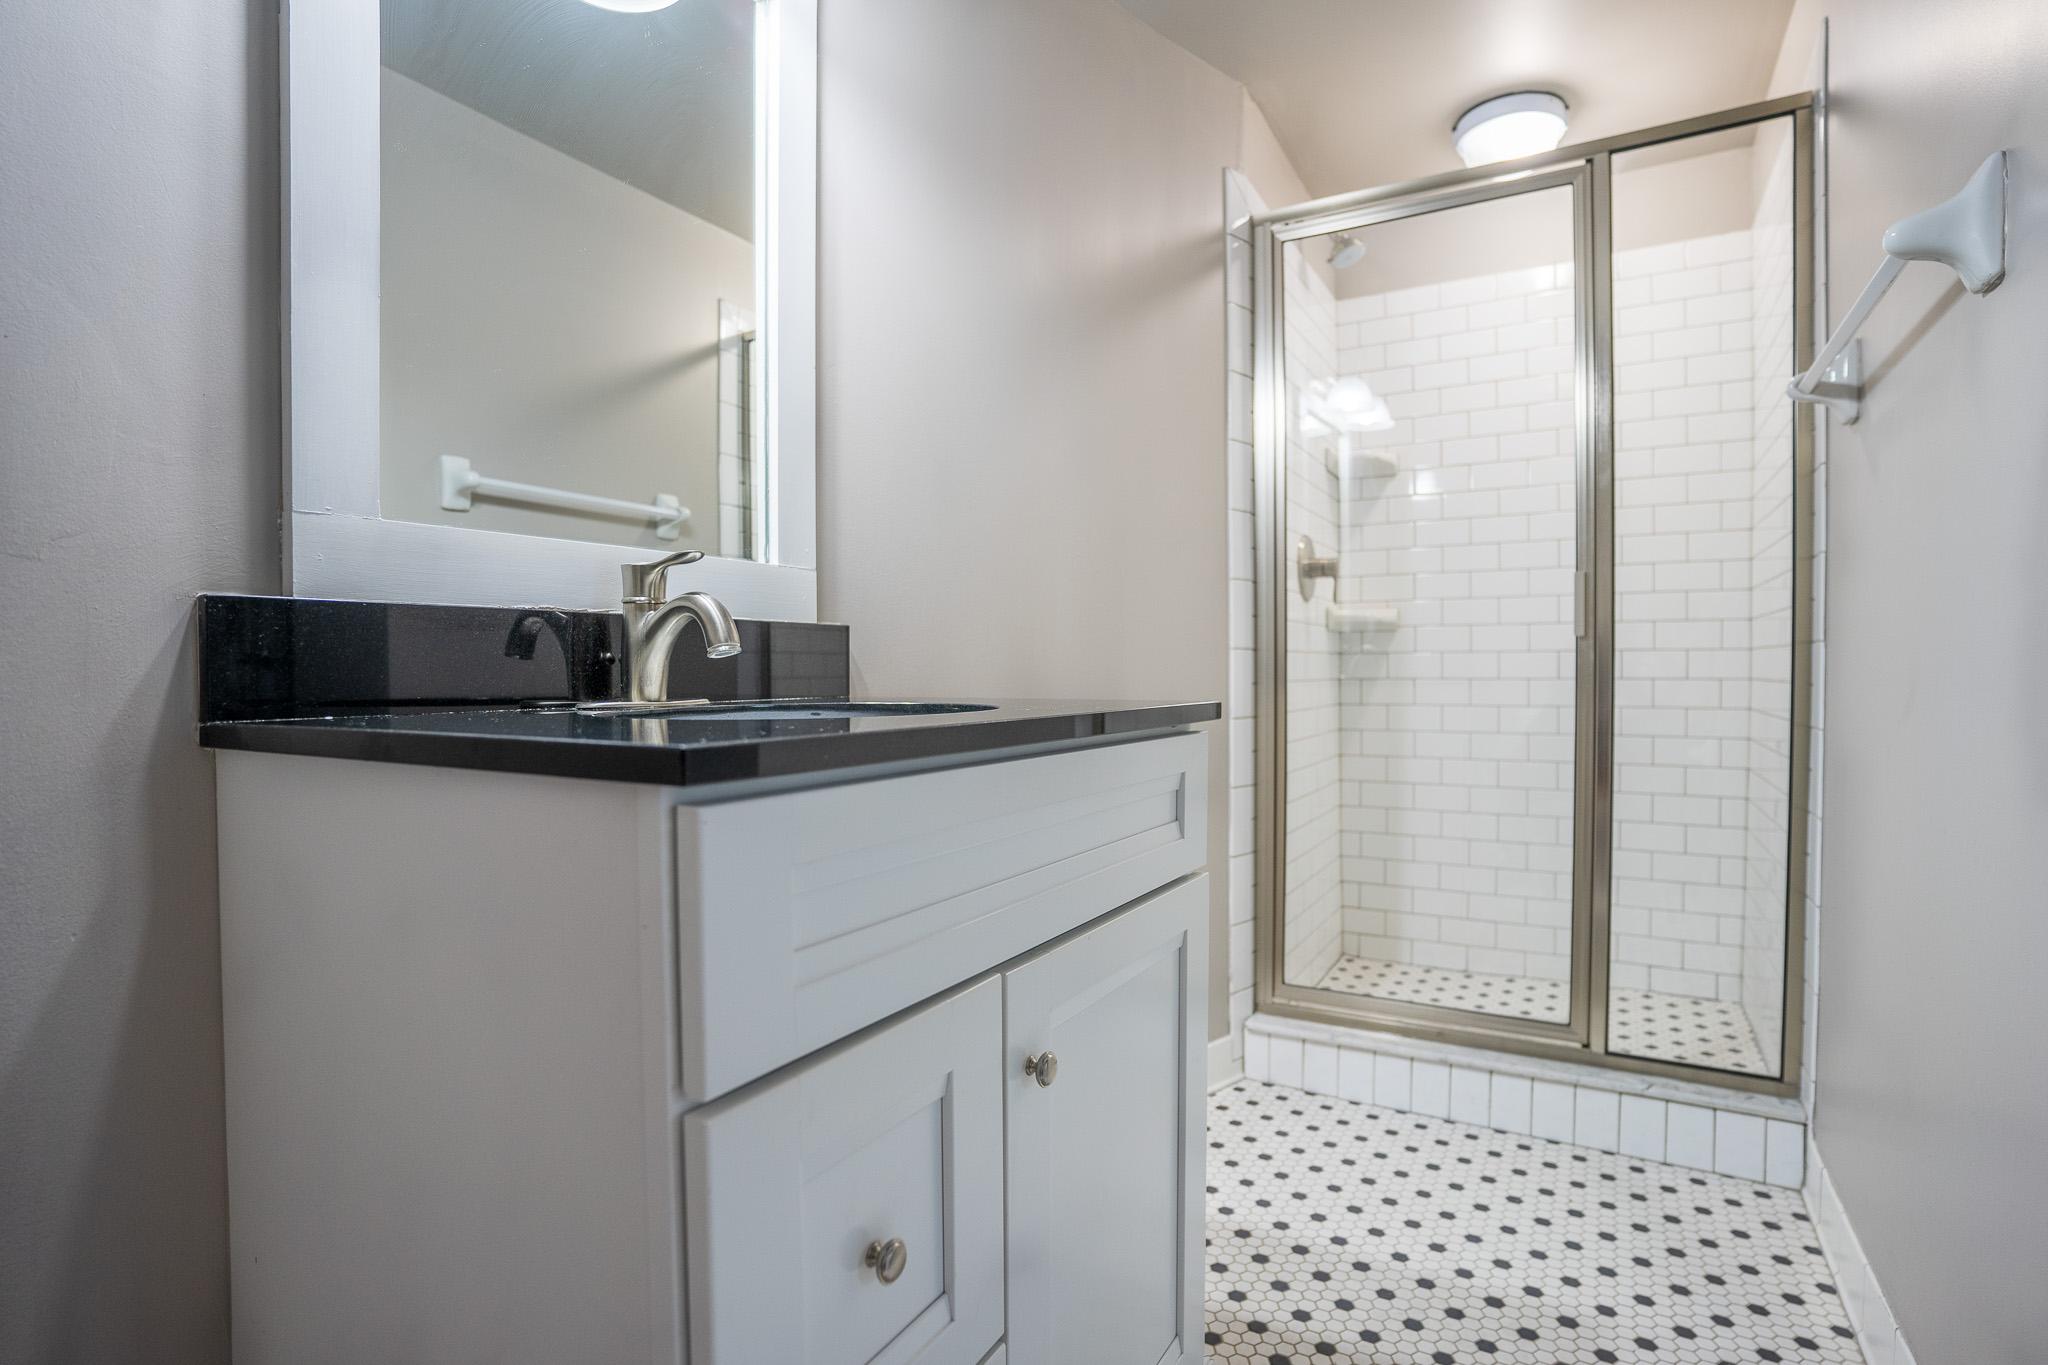 300 Alexander Apartments - Floorplan - 2 Bedroom Landmark Suite (Every Floor Plan Is Unique)